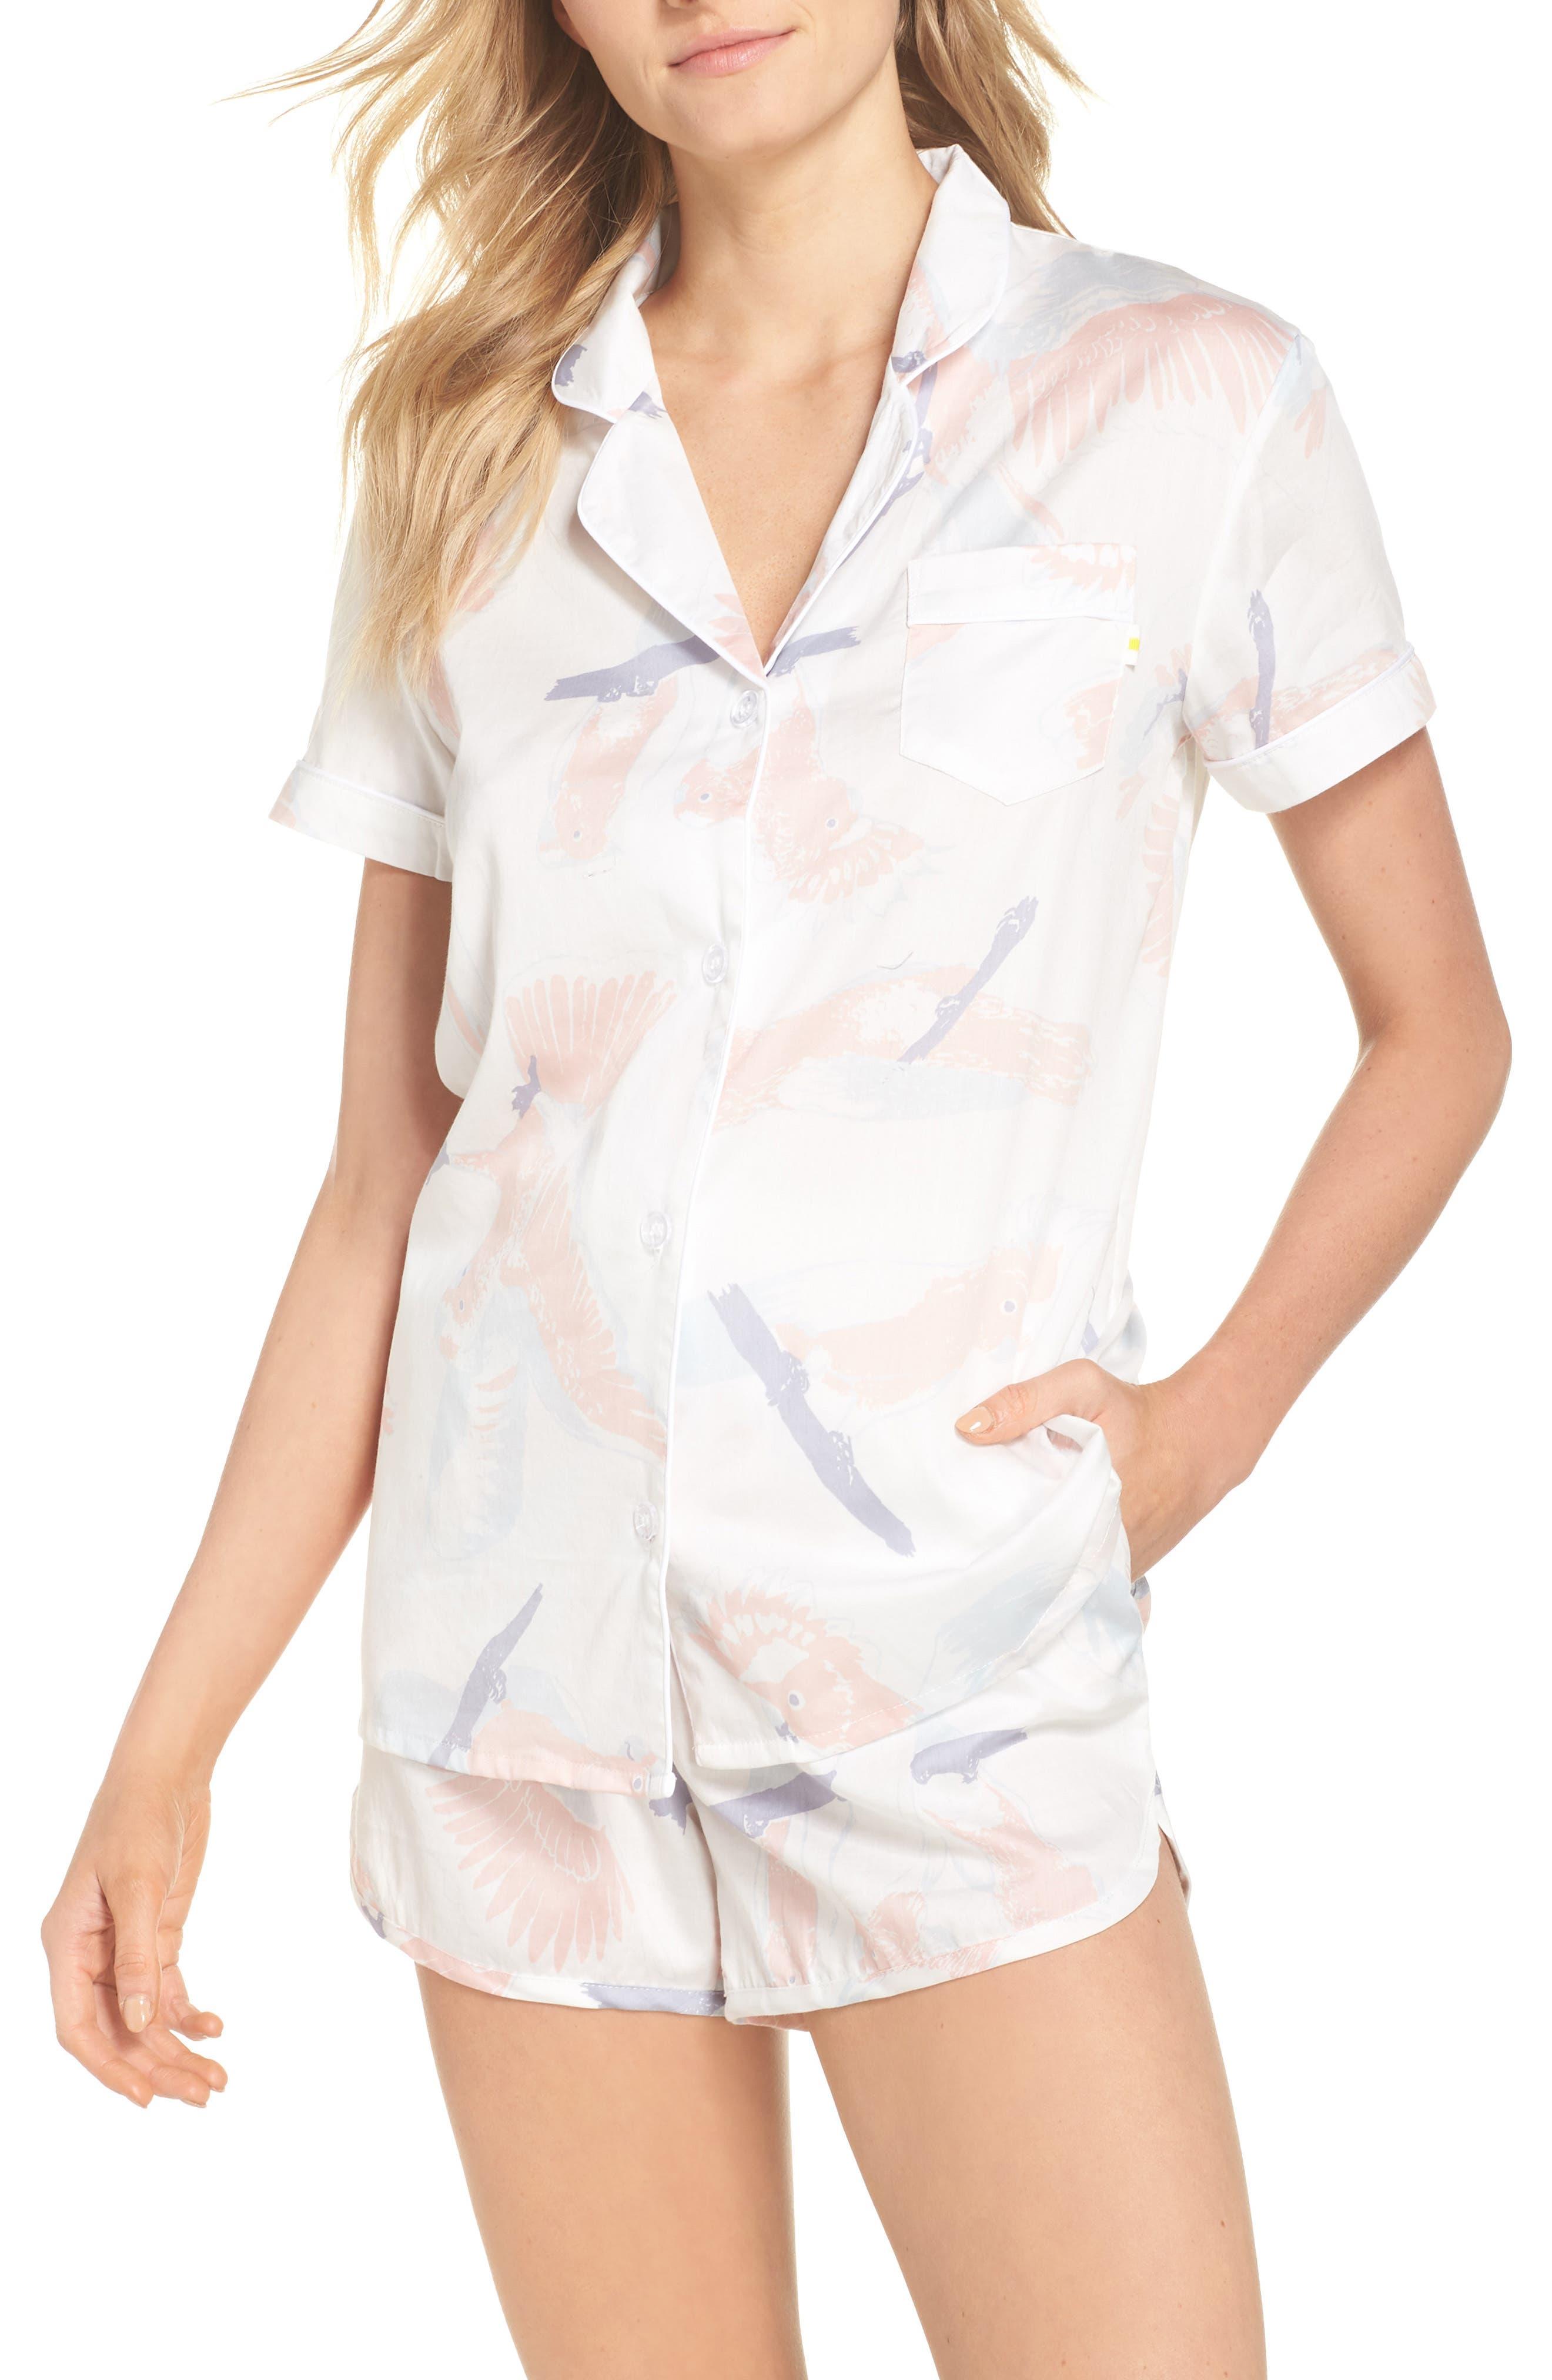 CHALMERS,                             Cockatoos Short Pajamas,                             Main thumbnail 1, color,                             111